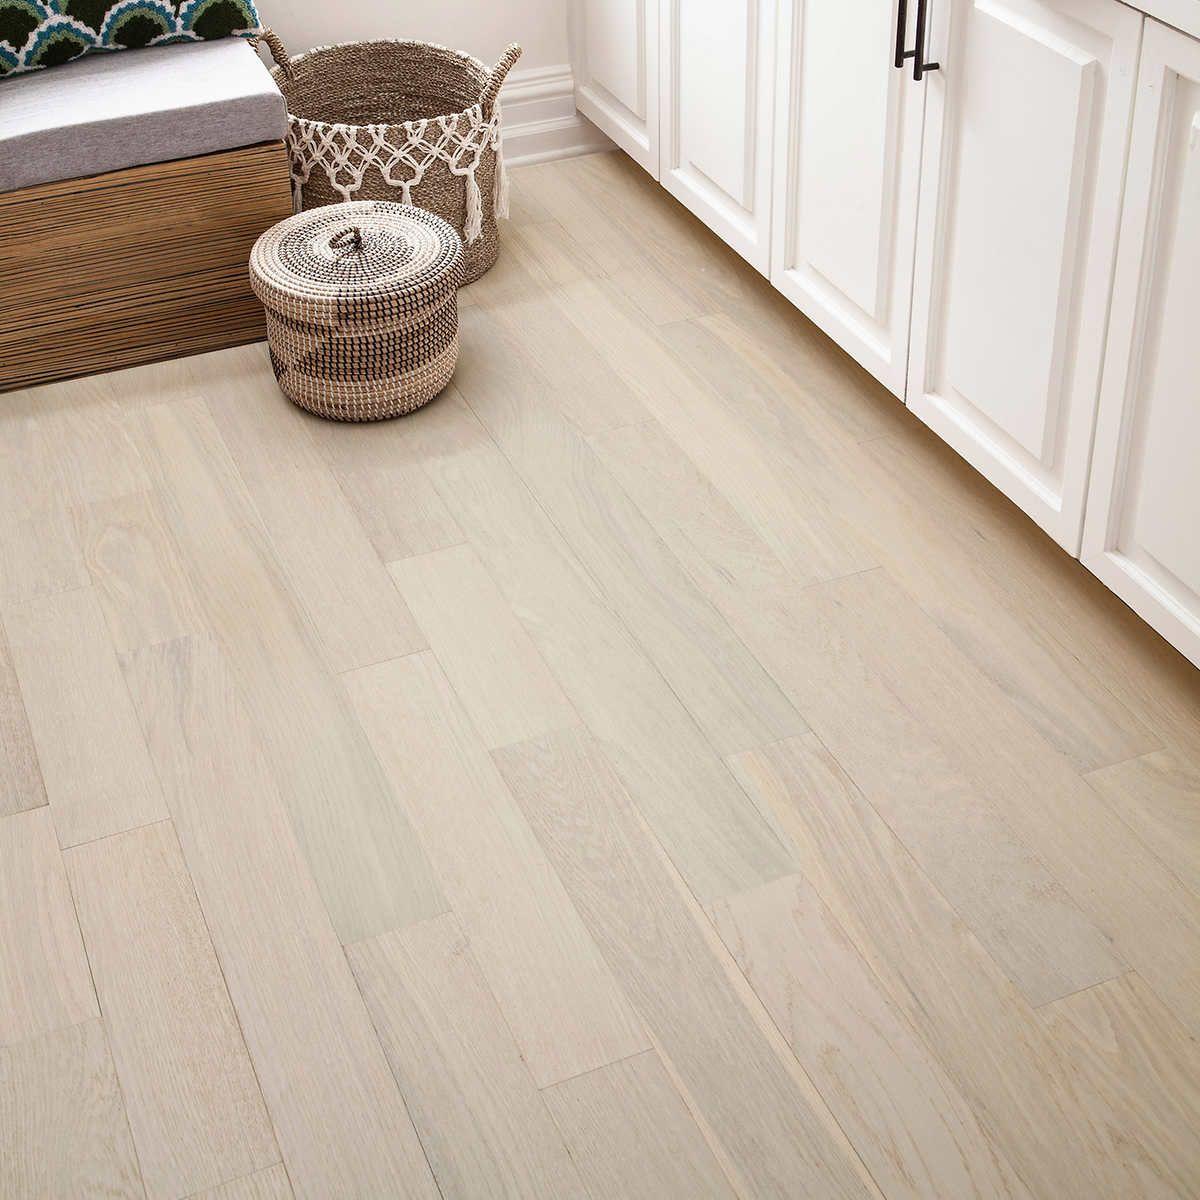 Pin By Althea Lee On Renovation In 2020 Wood Floors Engineered Wood Floors Flooring